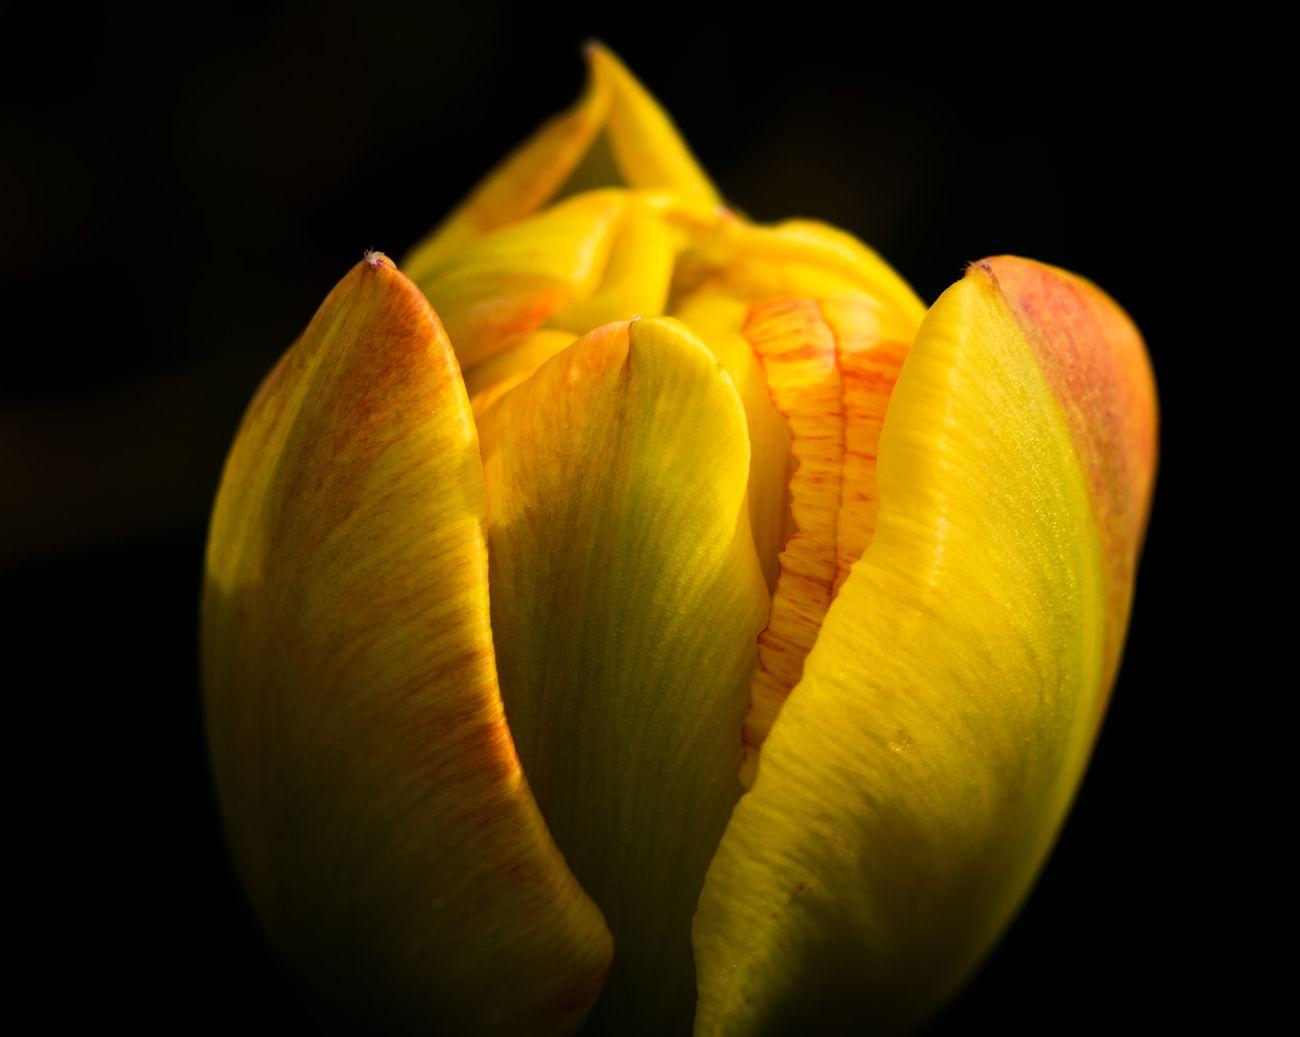 Tulip pending